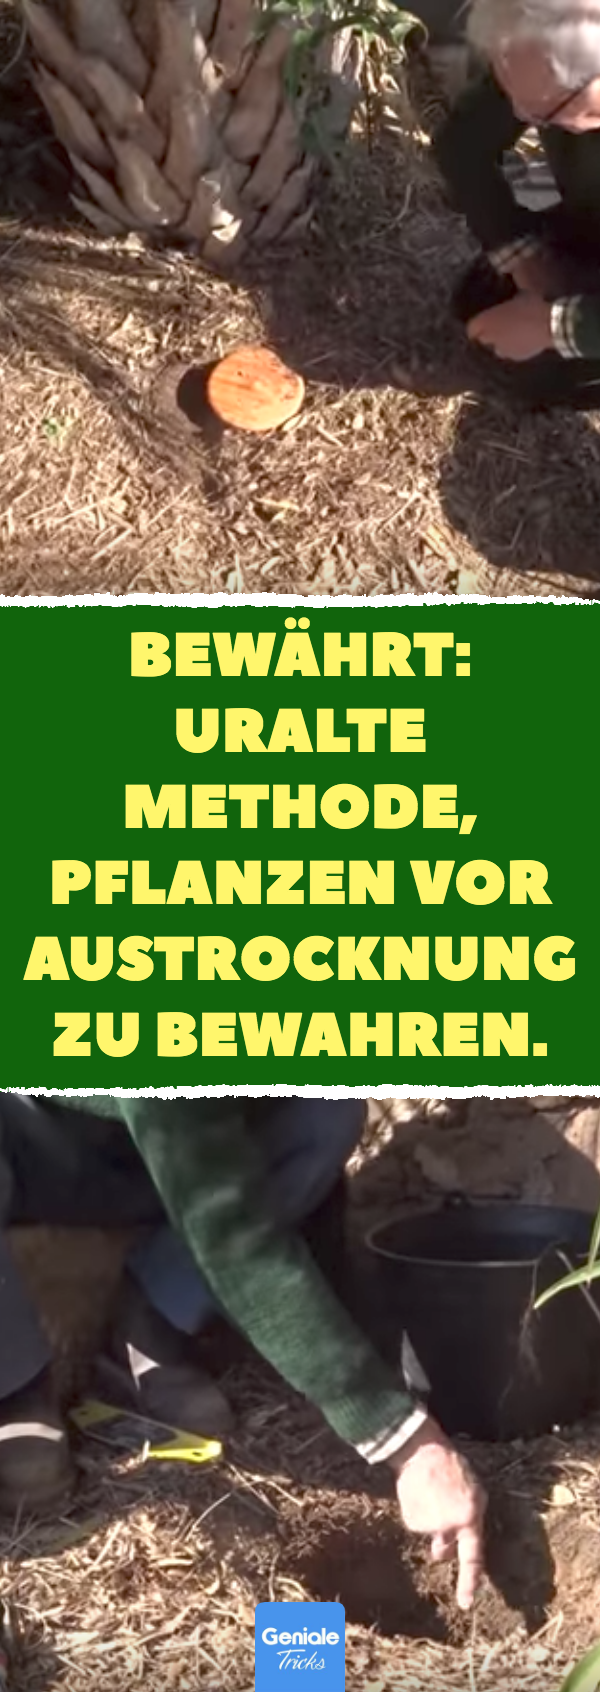 Bewährt: uralte Methode, Pflanzen vor Austrocknung zu bewahren.